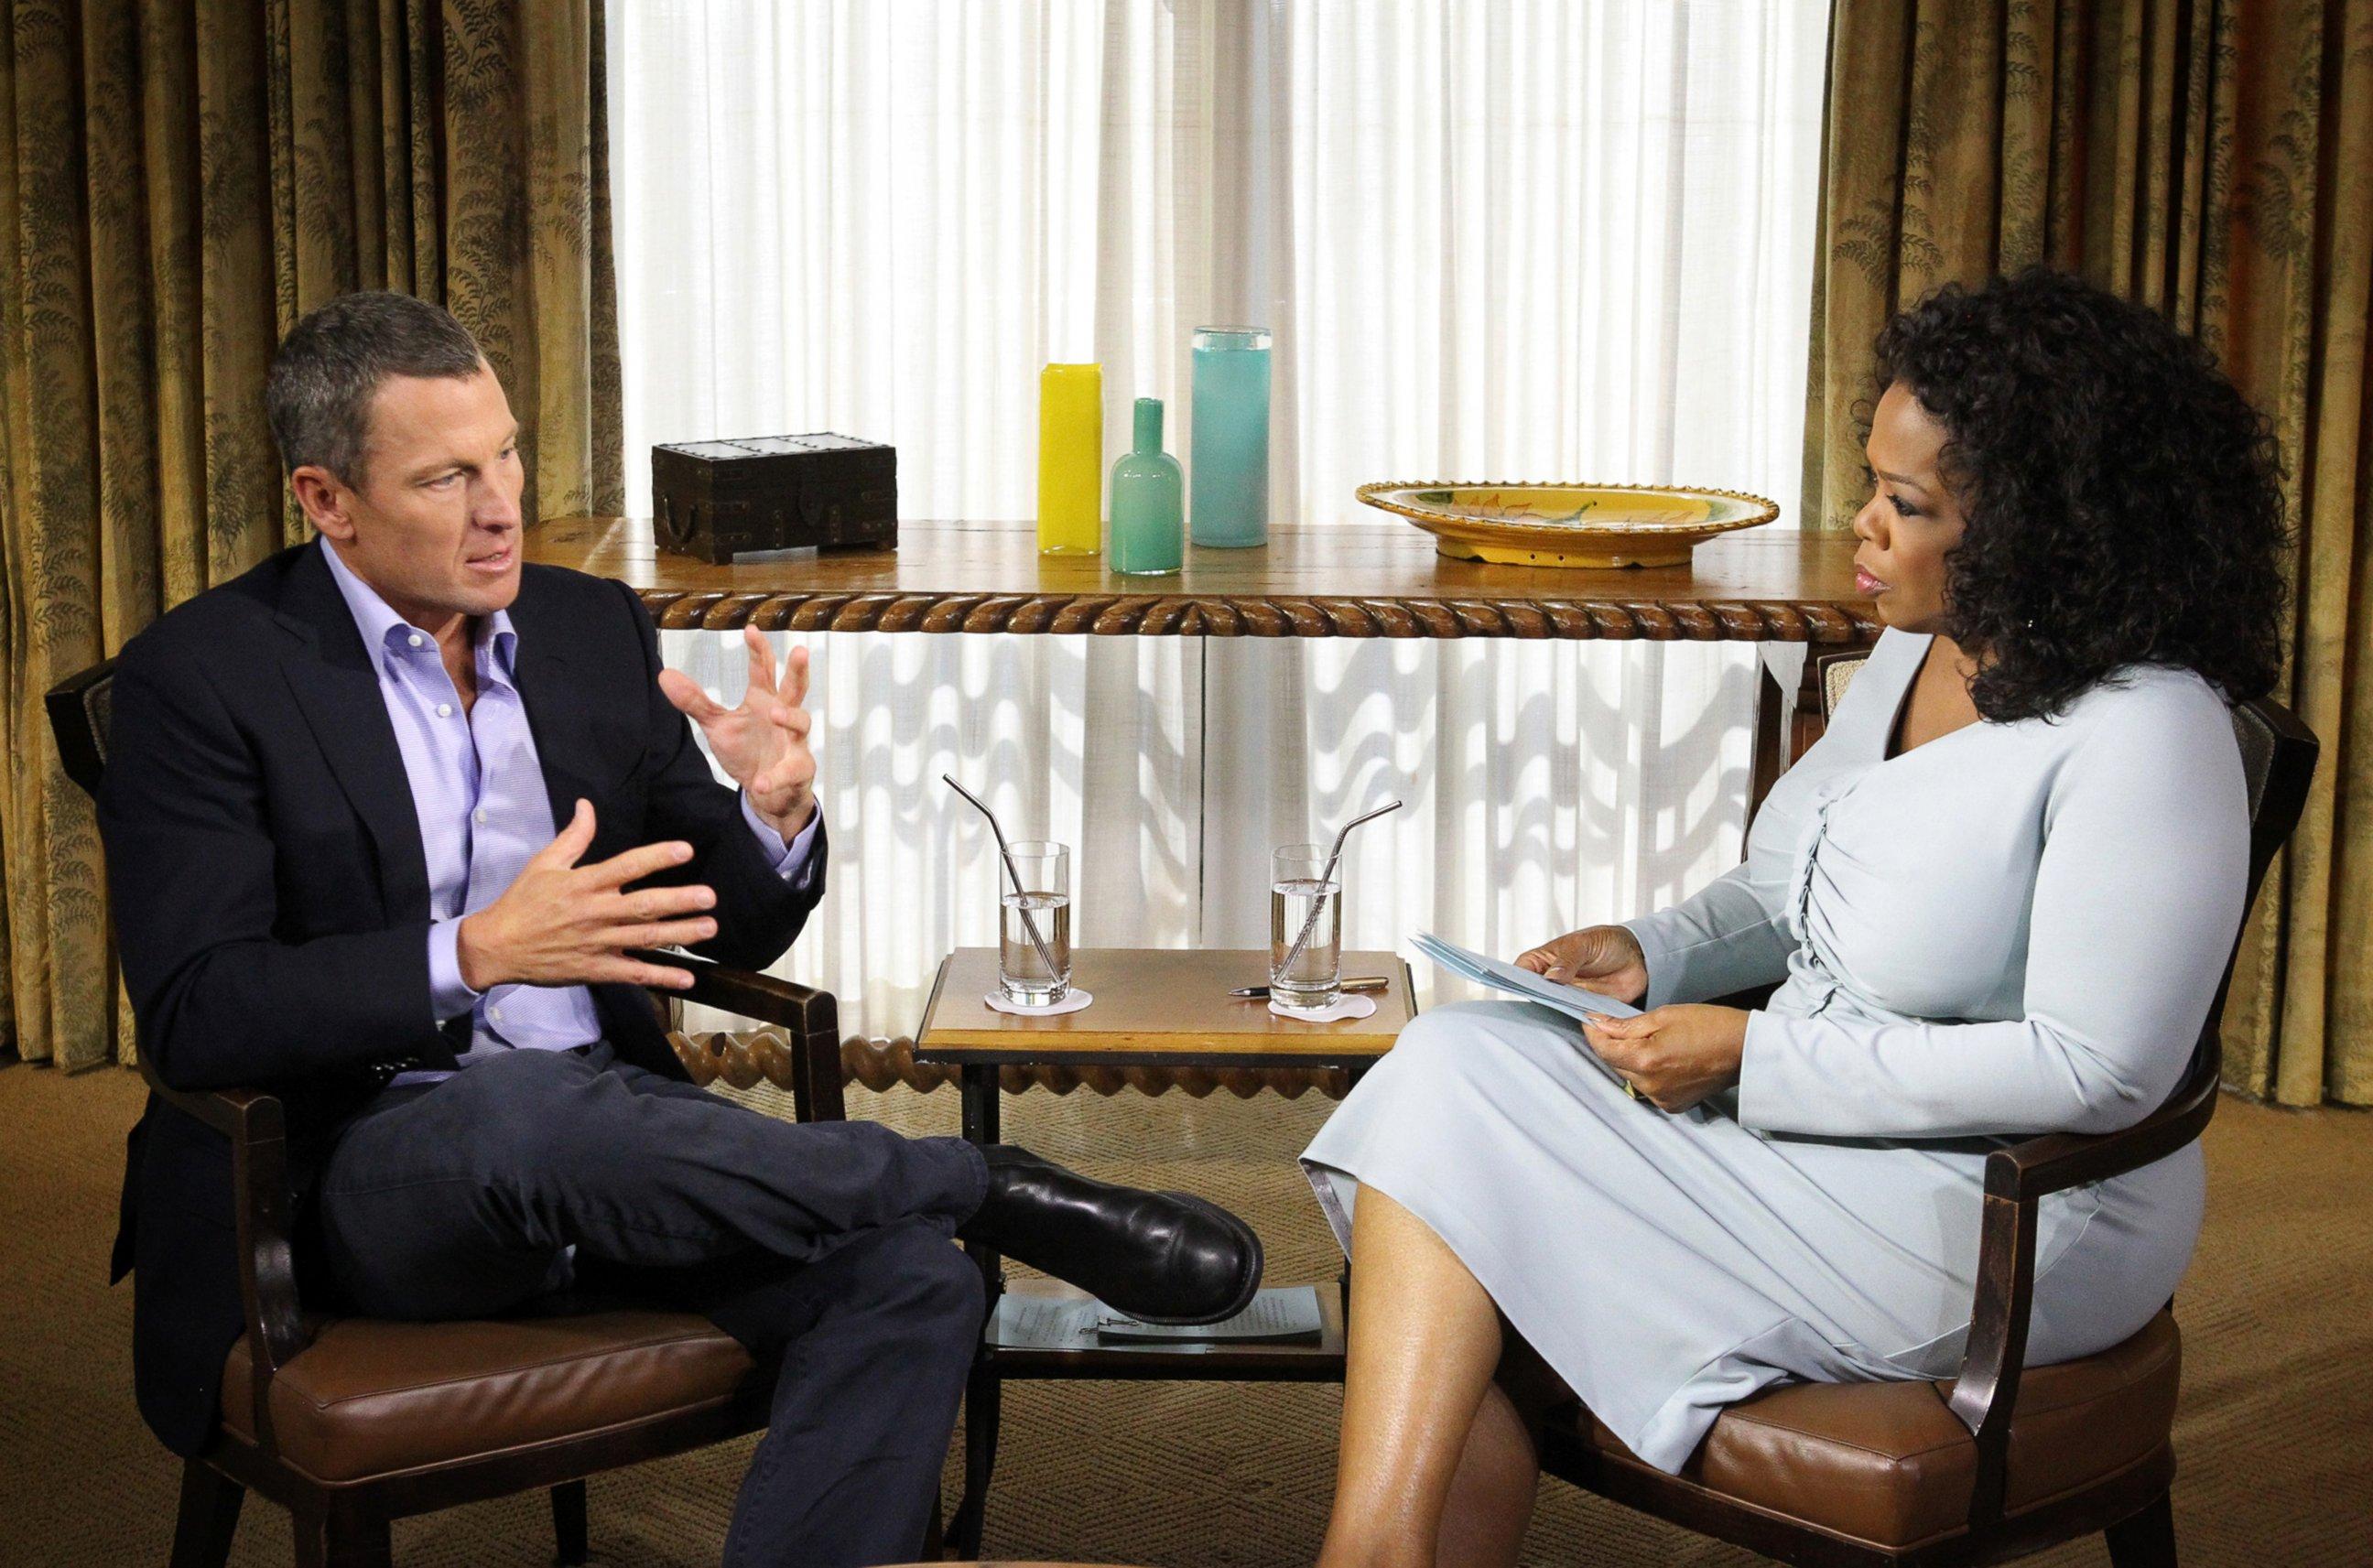 2013: Lance Armstrong přišel o všechna svá vítězství na Tour. Sedm titulů mu bylo odebráno na vrub dopingu. Na fotce je při nechvalně proslulém upřímném rozhovoru s Oprah Winfrey, kde se ke svým proviněním přiznal.